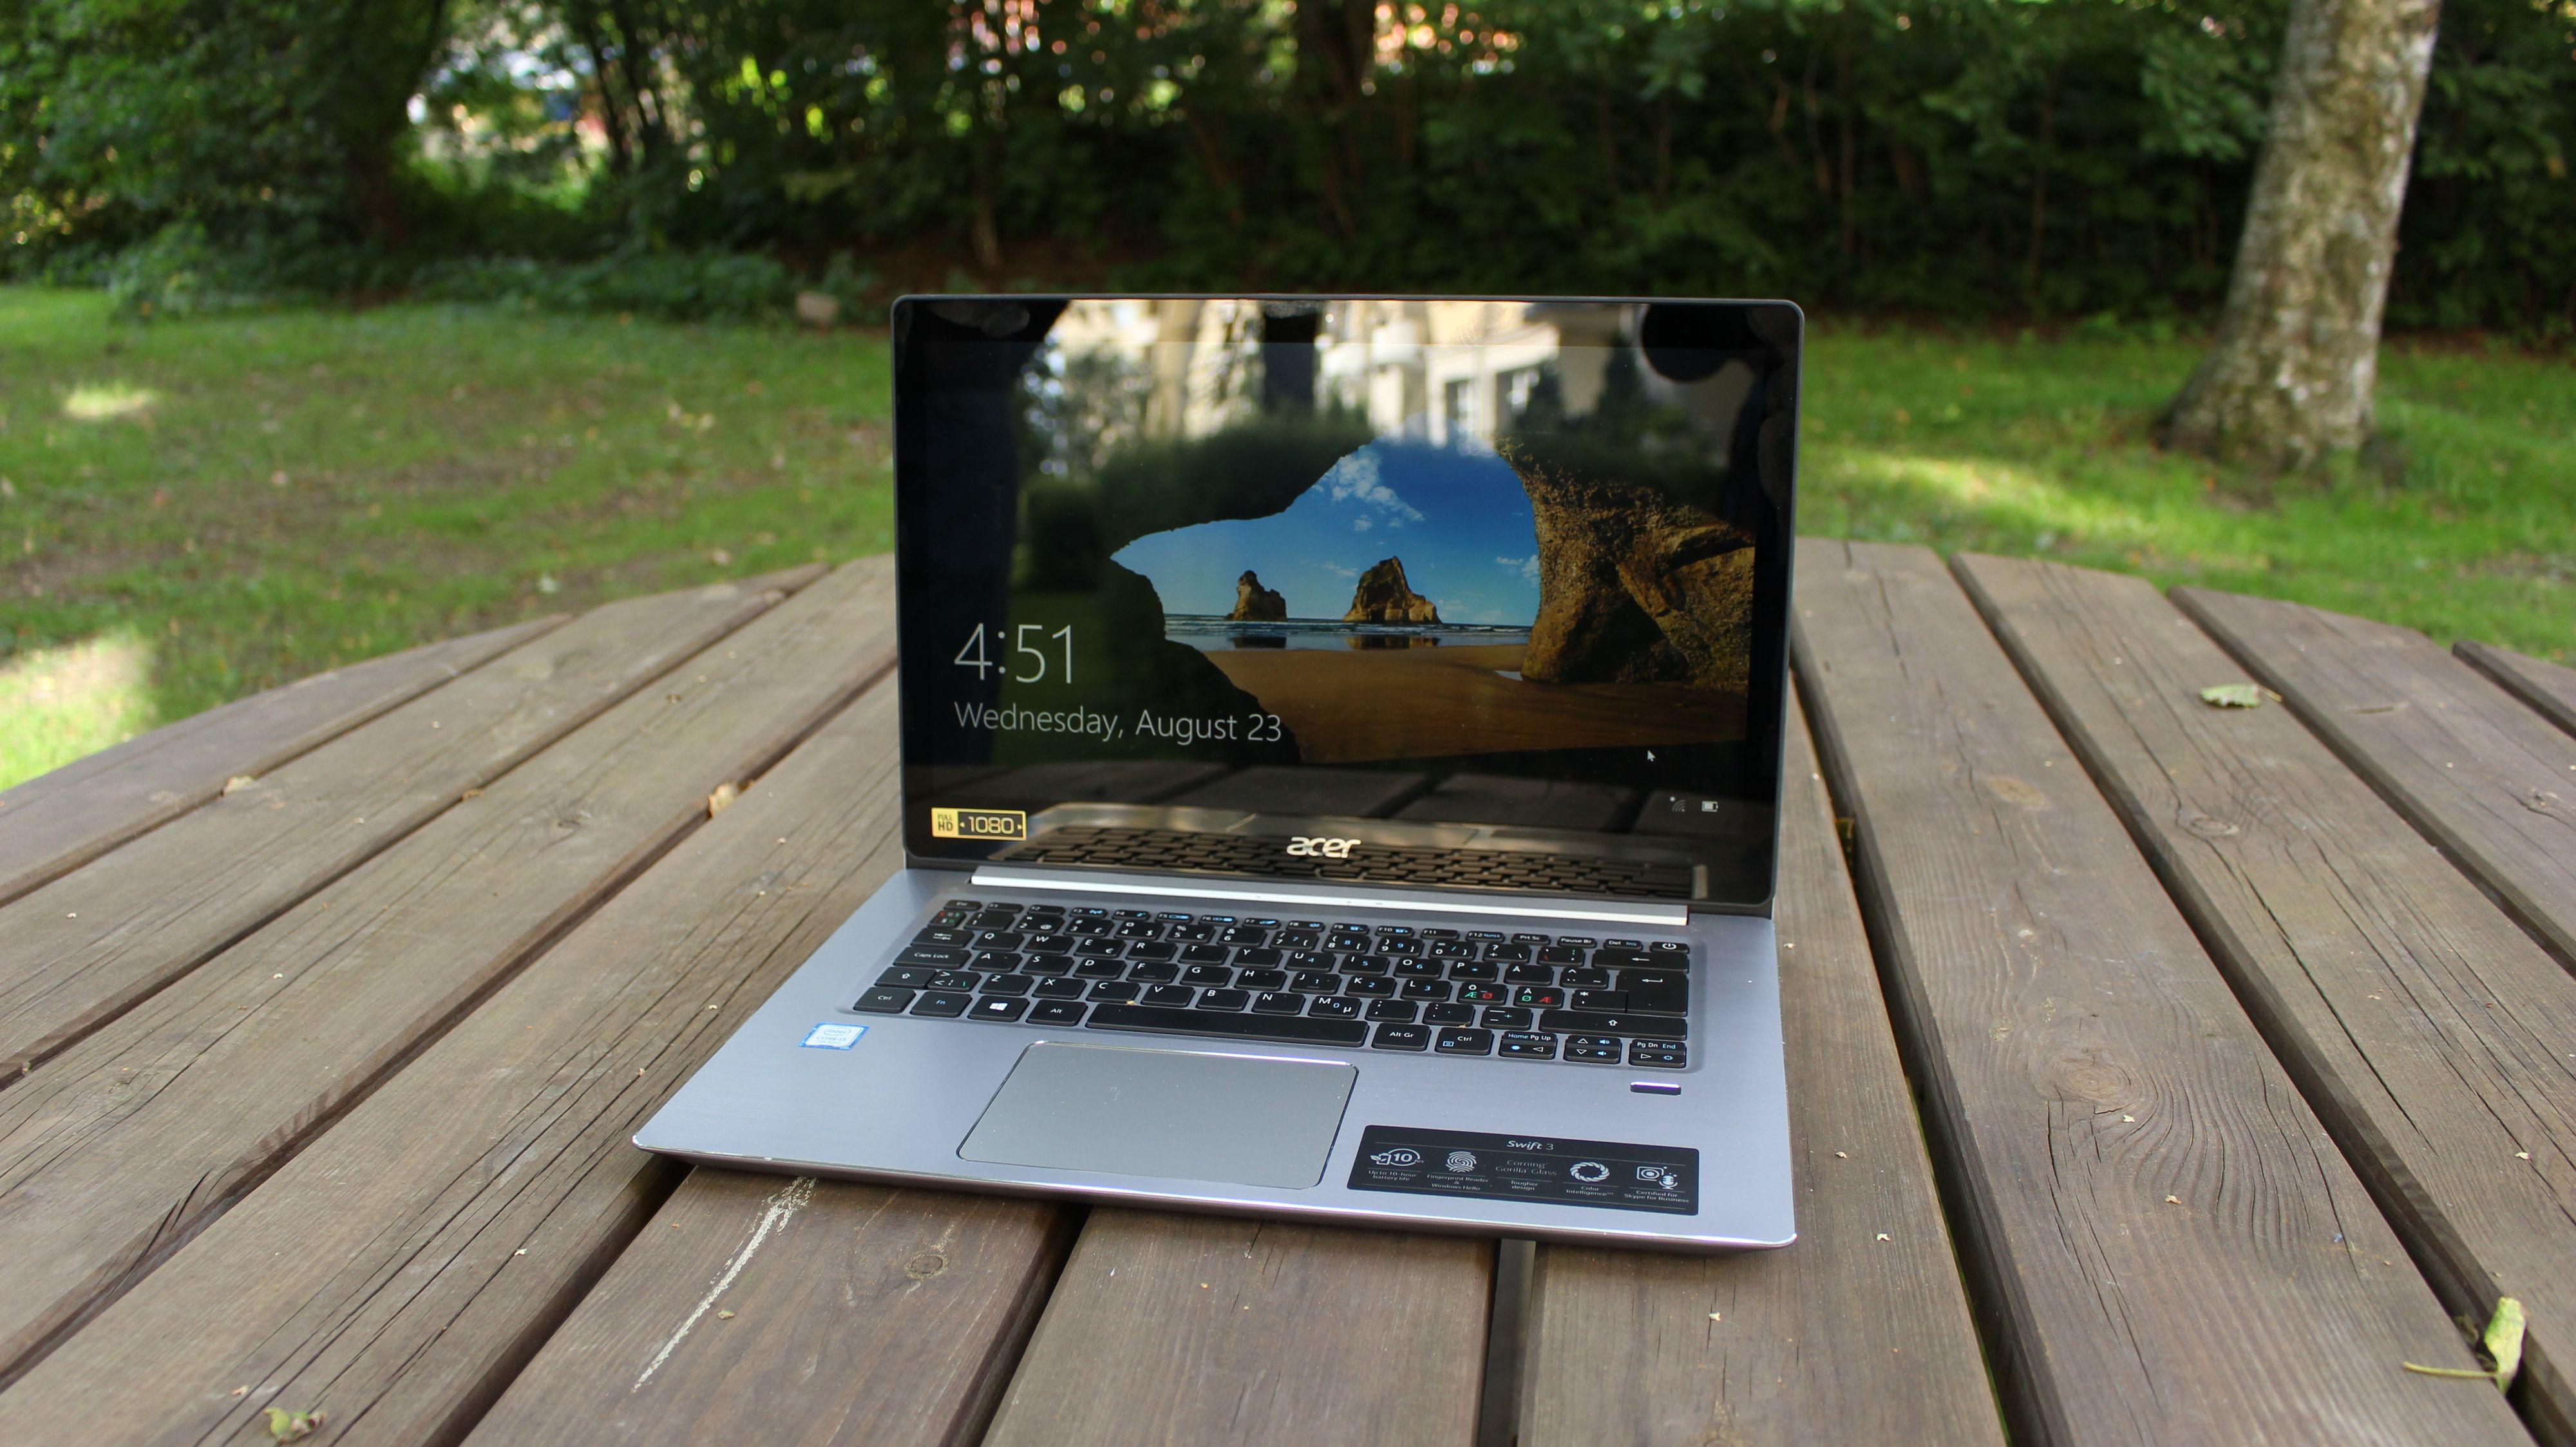 Acer Swift S314 har lekkert design – dog en litt i overkant refleksiv skjerm.